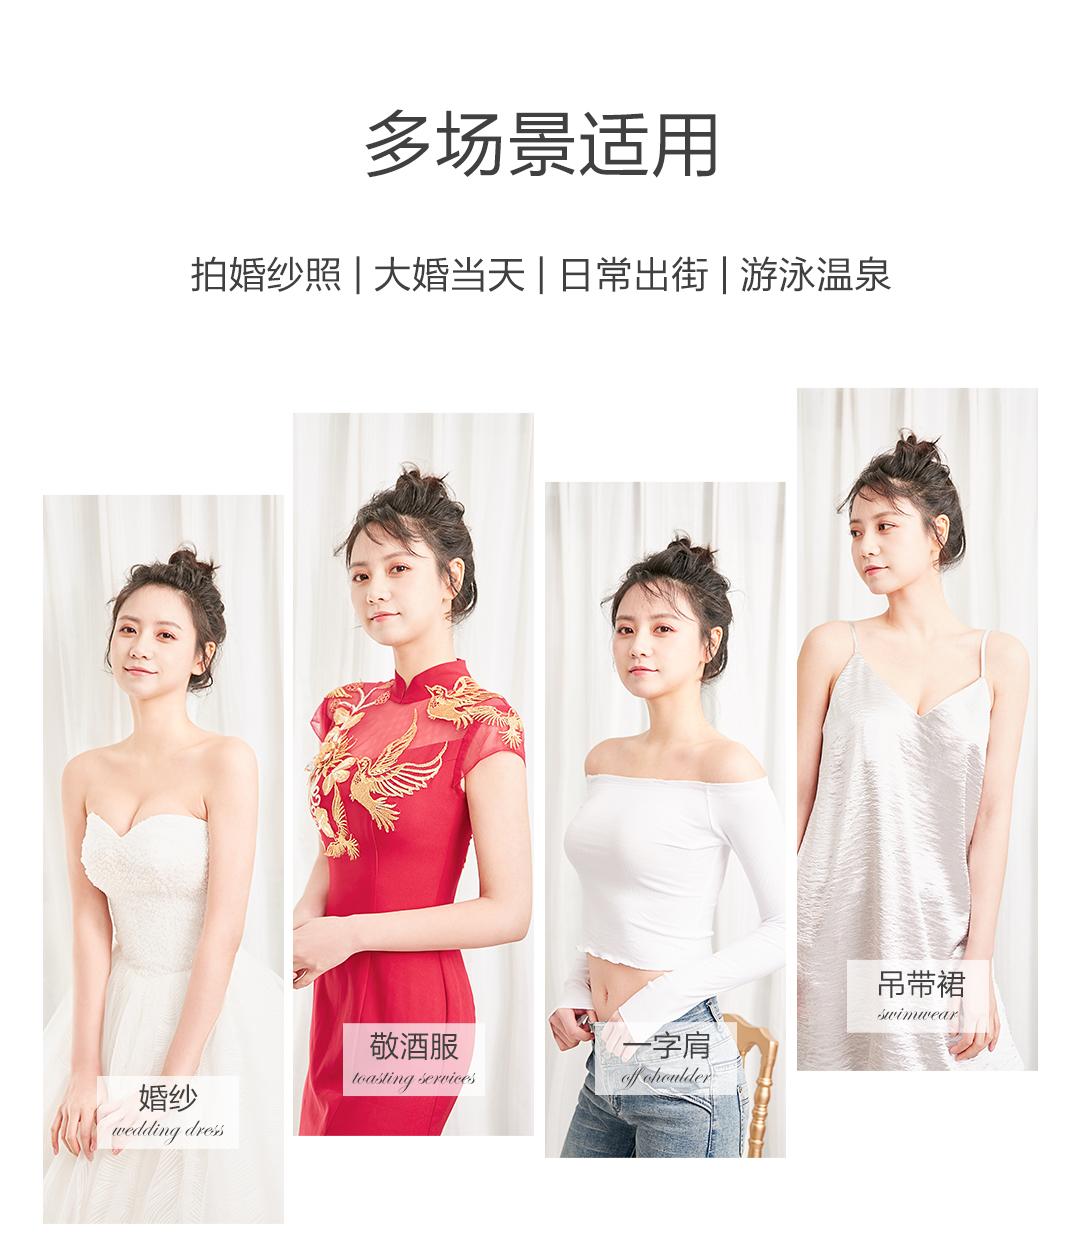 【买一赠一】婚纱礼服专用小胸加厚聚拢隐形硅胶胸贴